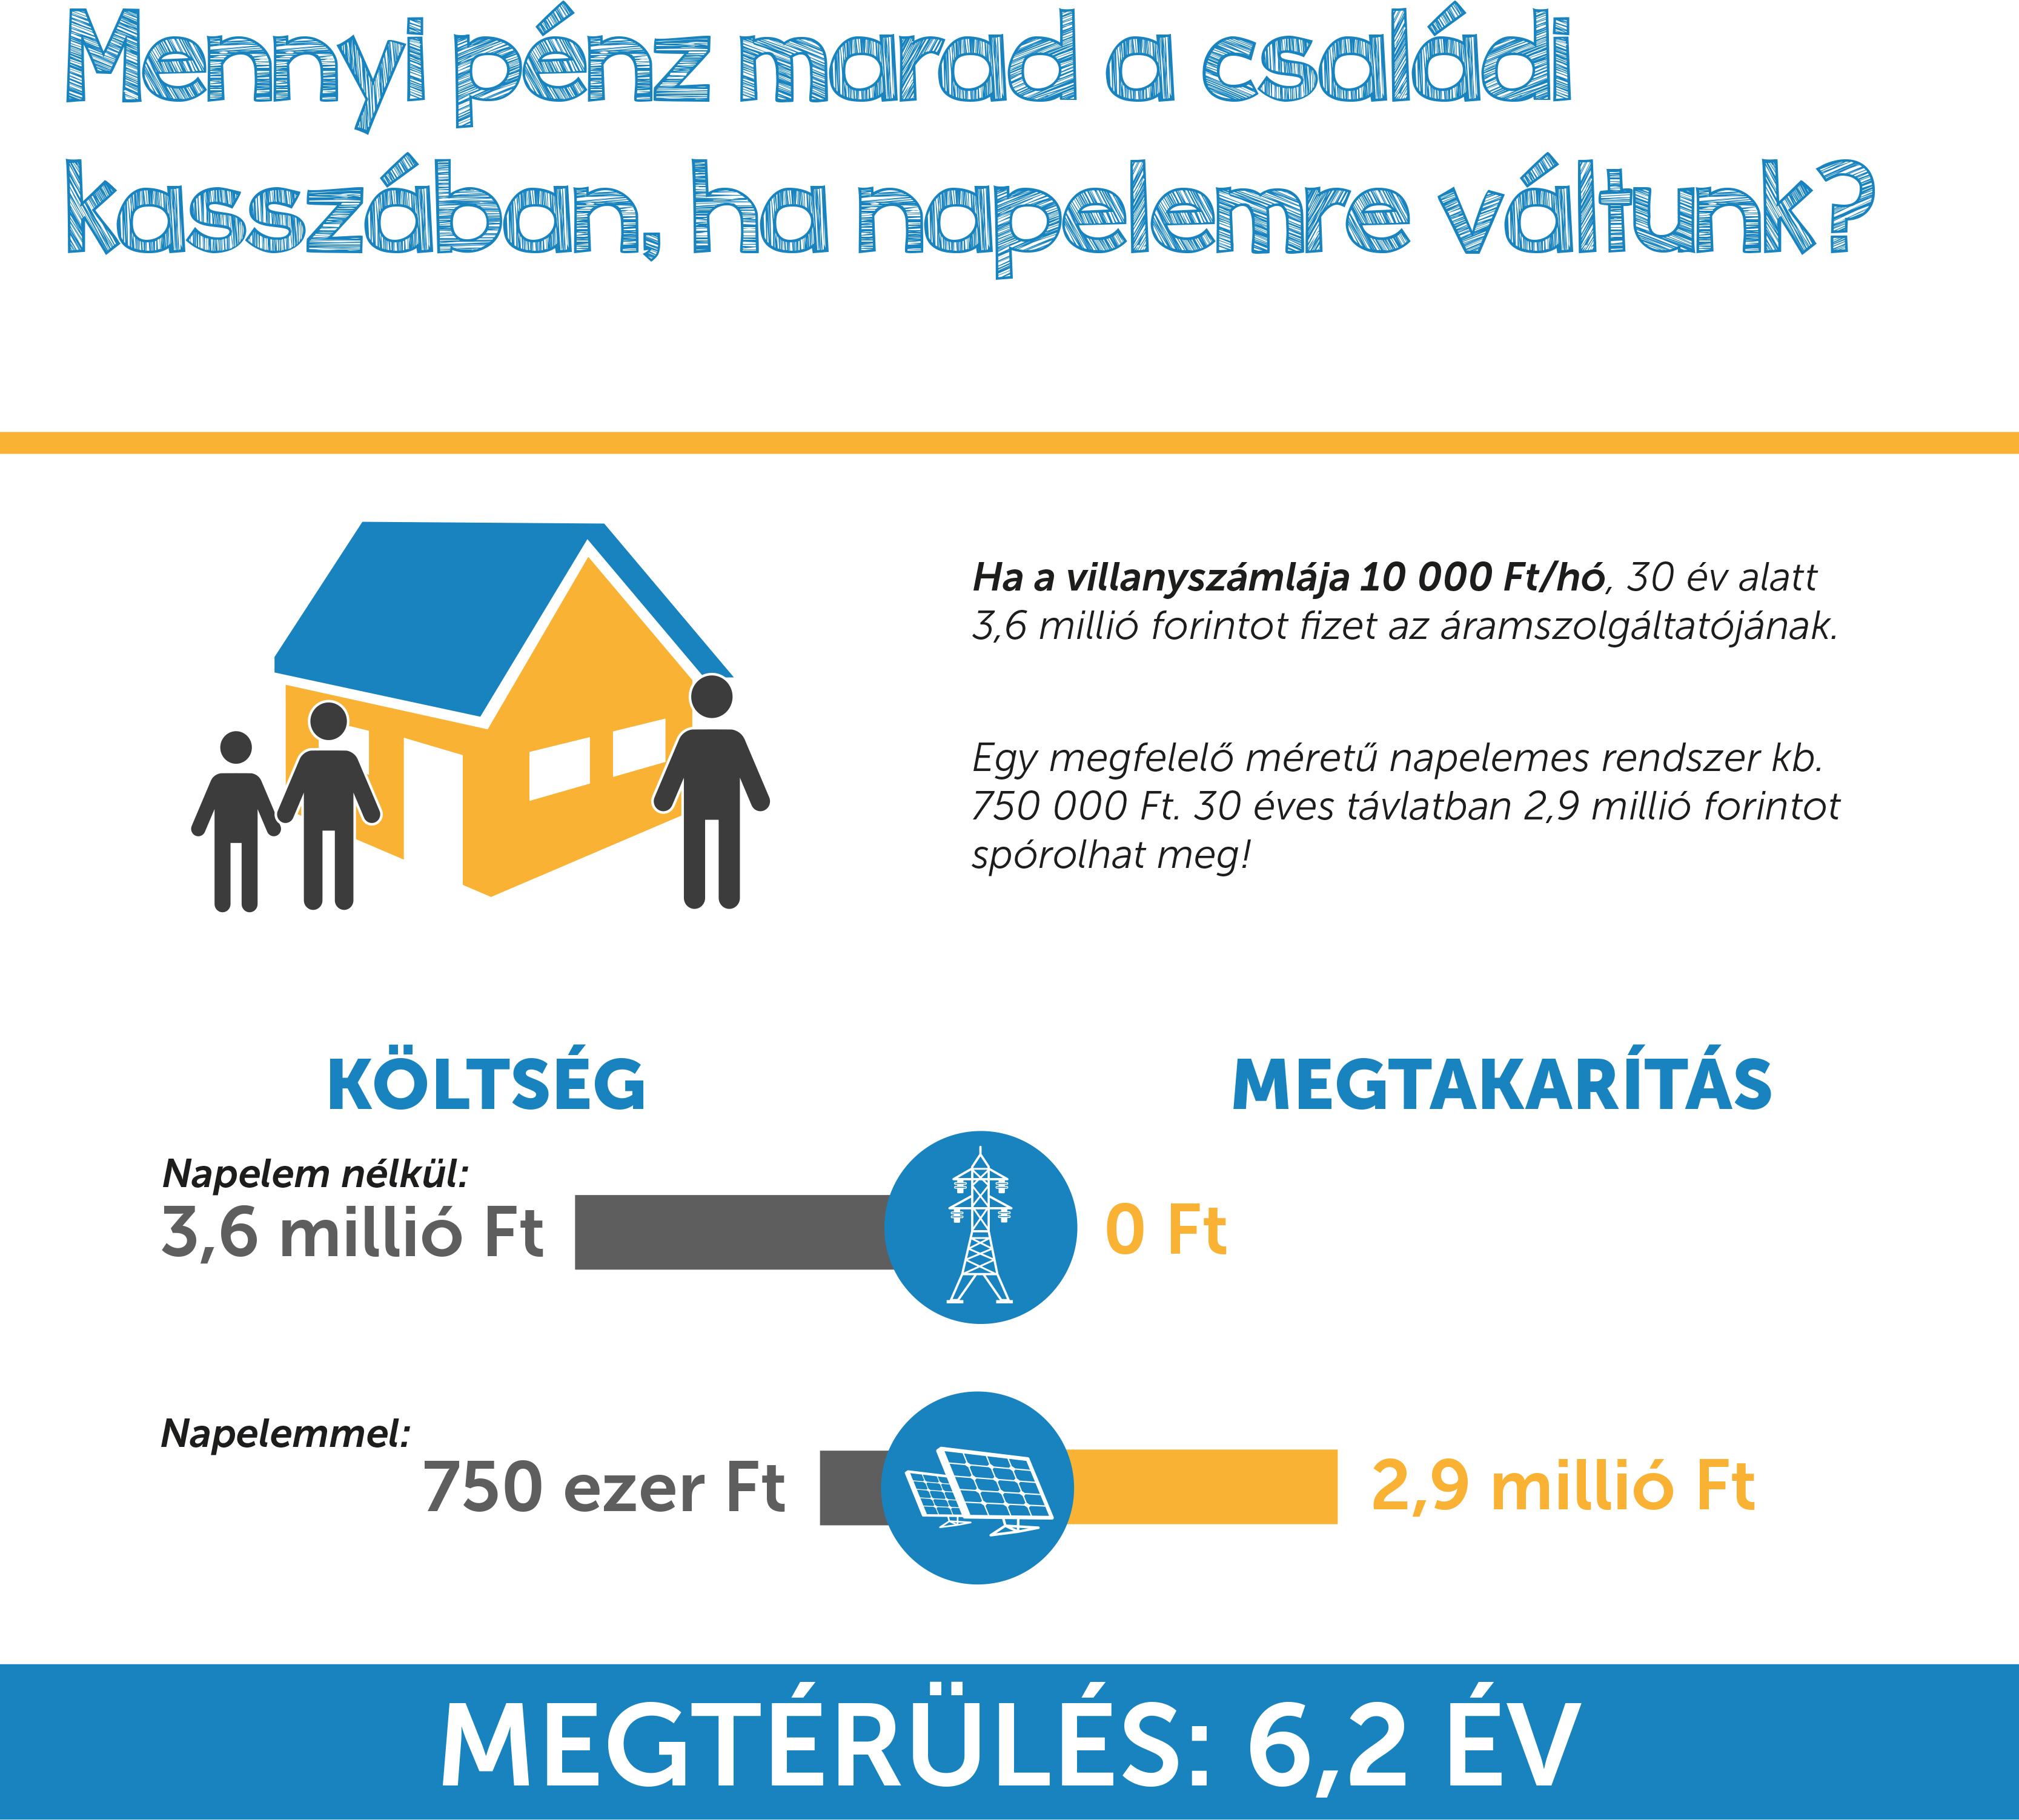 energiafuggetlenseg_infografika_4_1.jpg